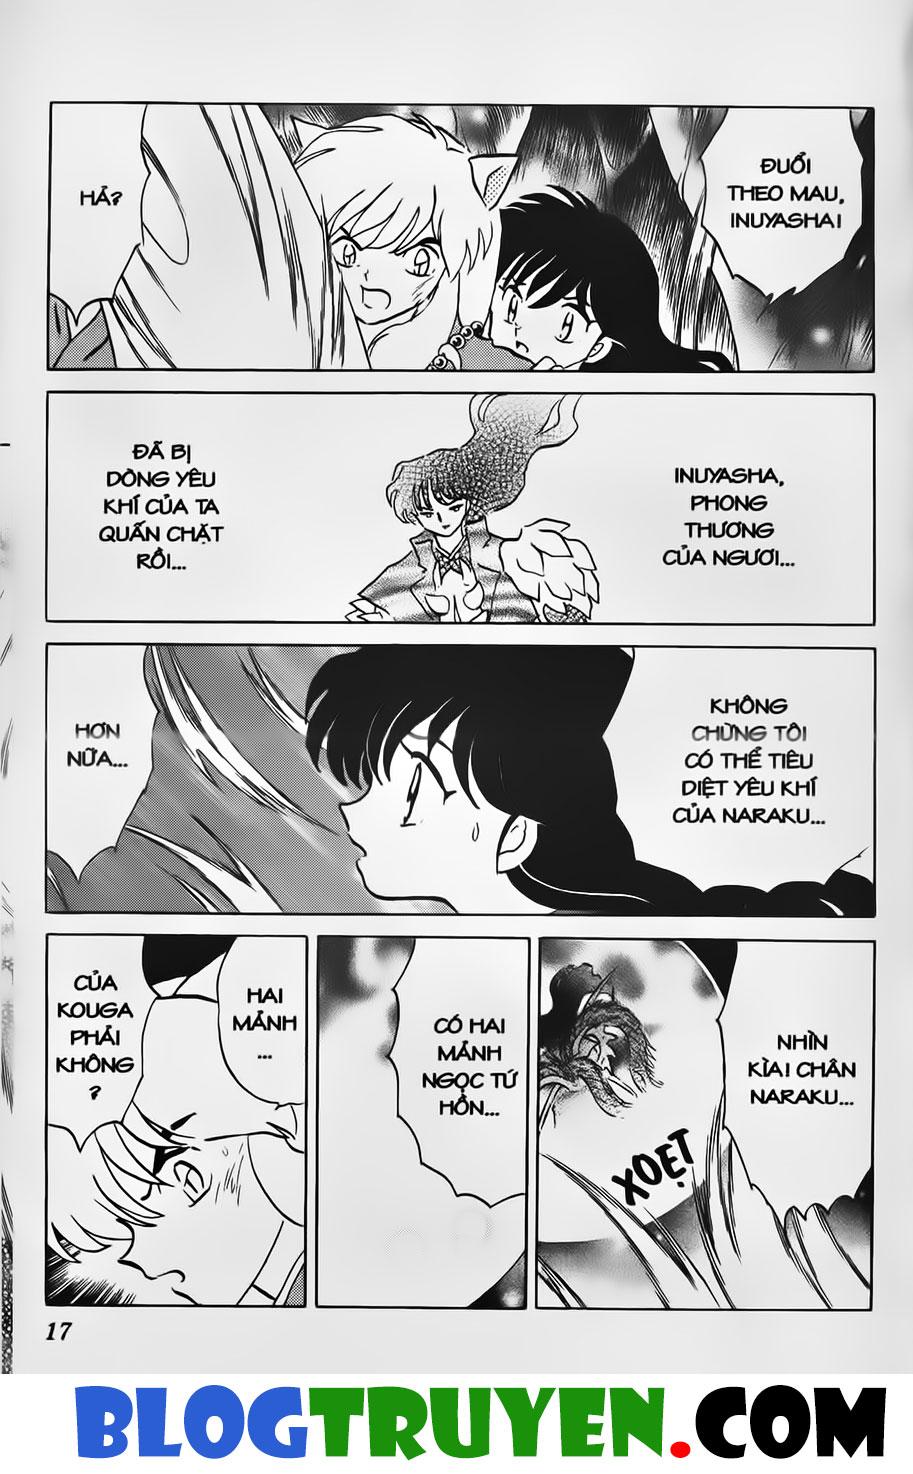 Inuyasha vol 29.1 trang 14